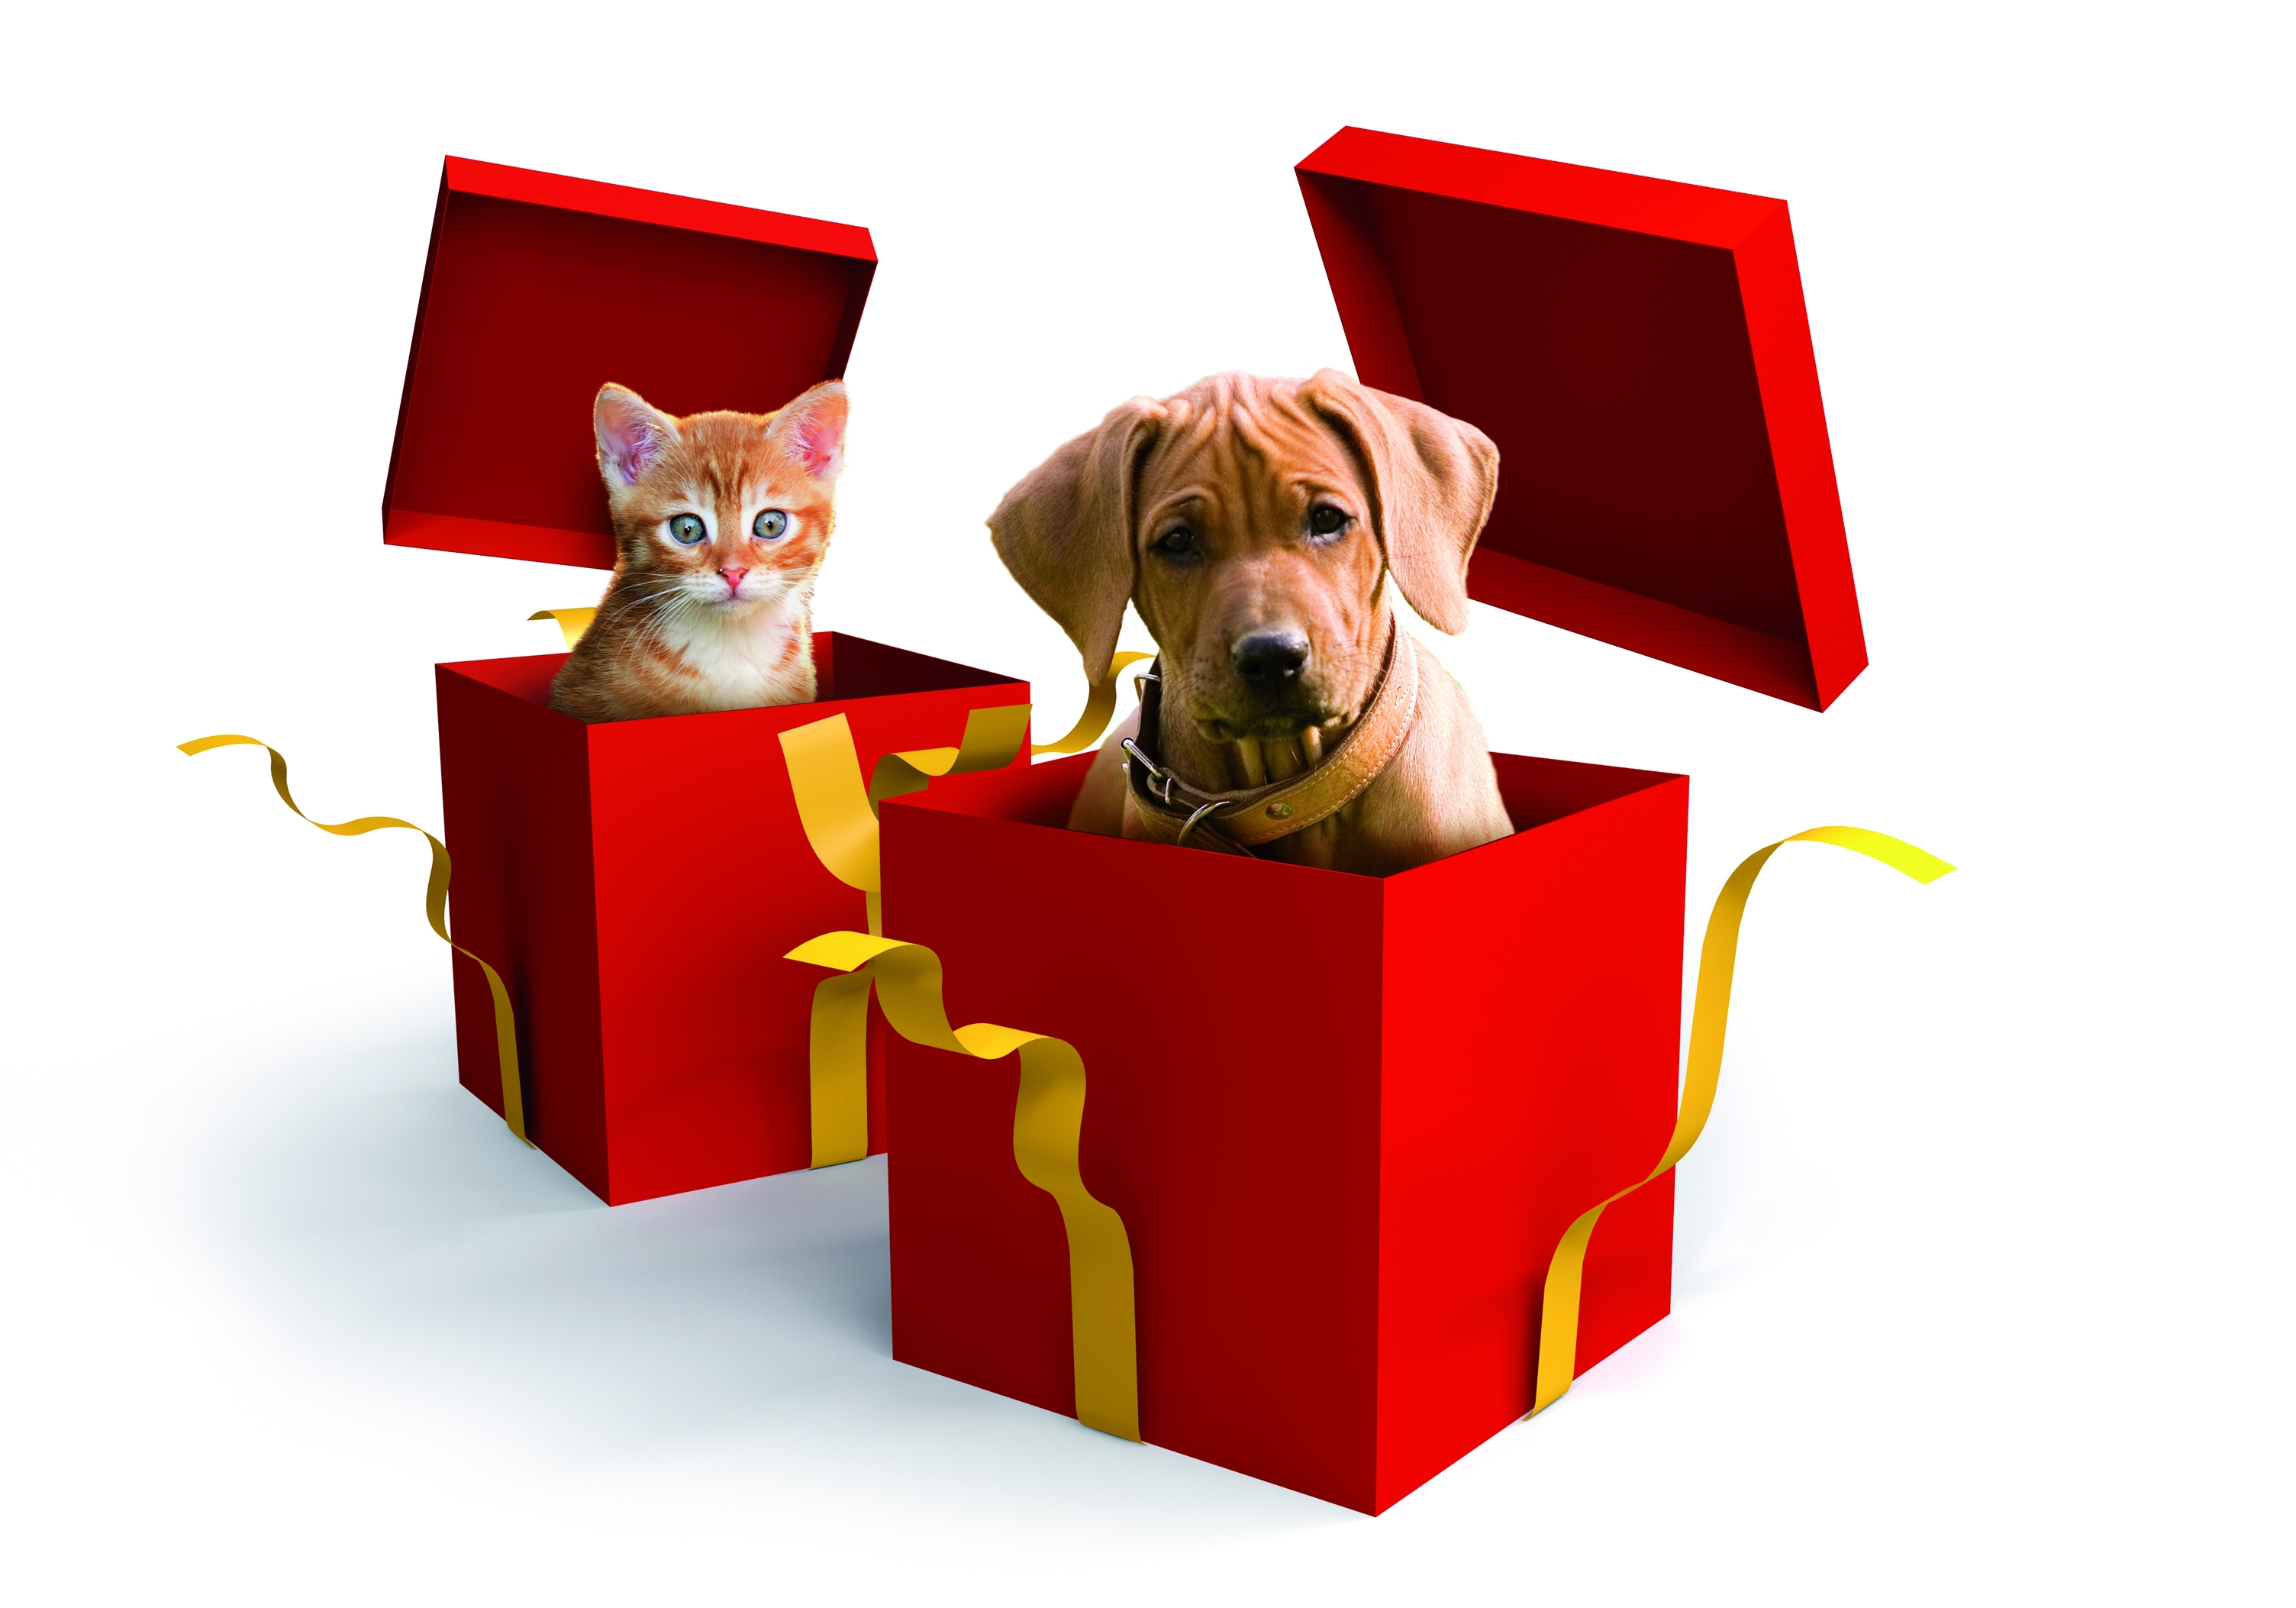 Bilder Weihnachten Tiere.Tiere Zu Weihnachten Bundesverband Für Tiergesundheit E V